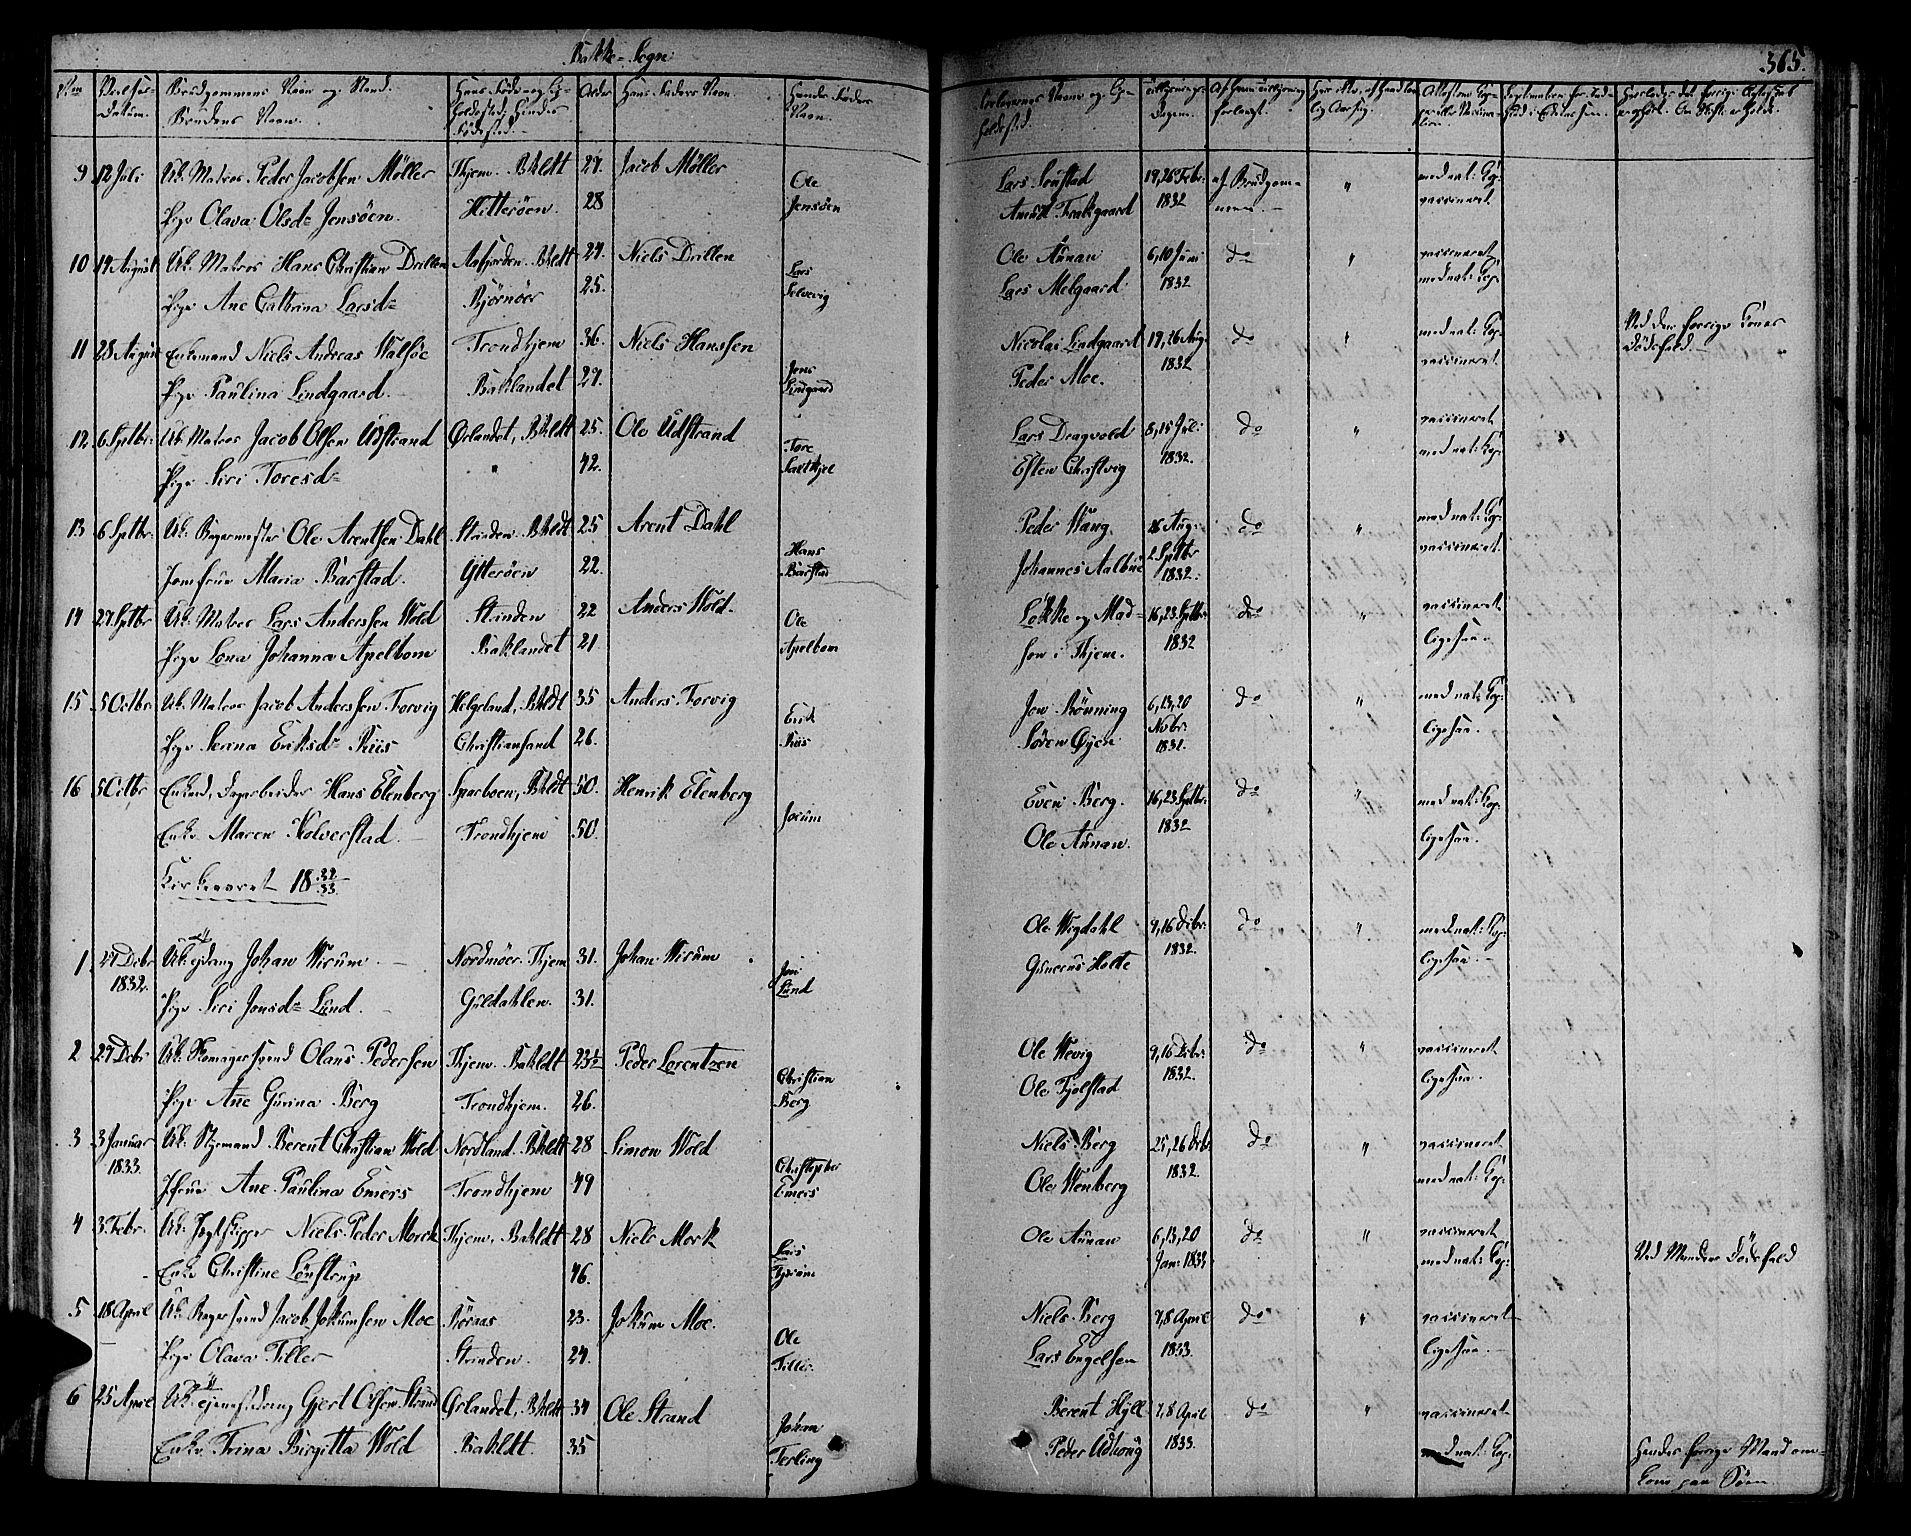 SAT, Ministerialprotokoller, klokkerbøker og fødselsregistre - Sør-Trøndelag, 606/L0287: Ministerialbok nr. 606A04 /2, 1826-1840, s. 365